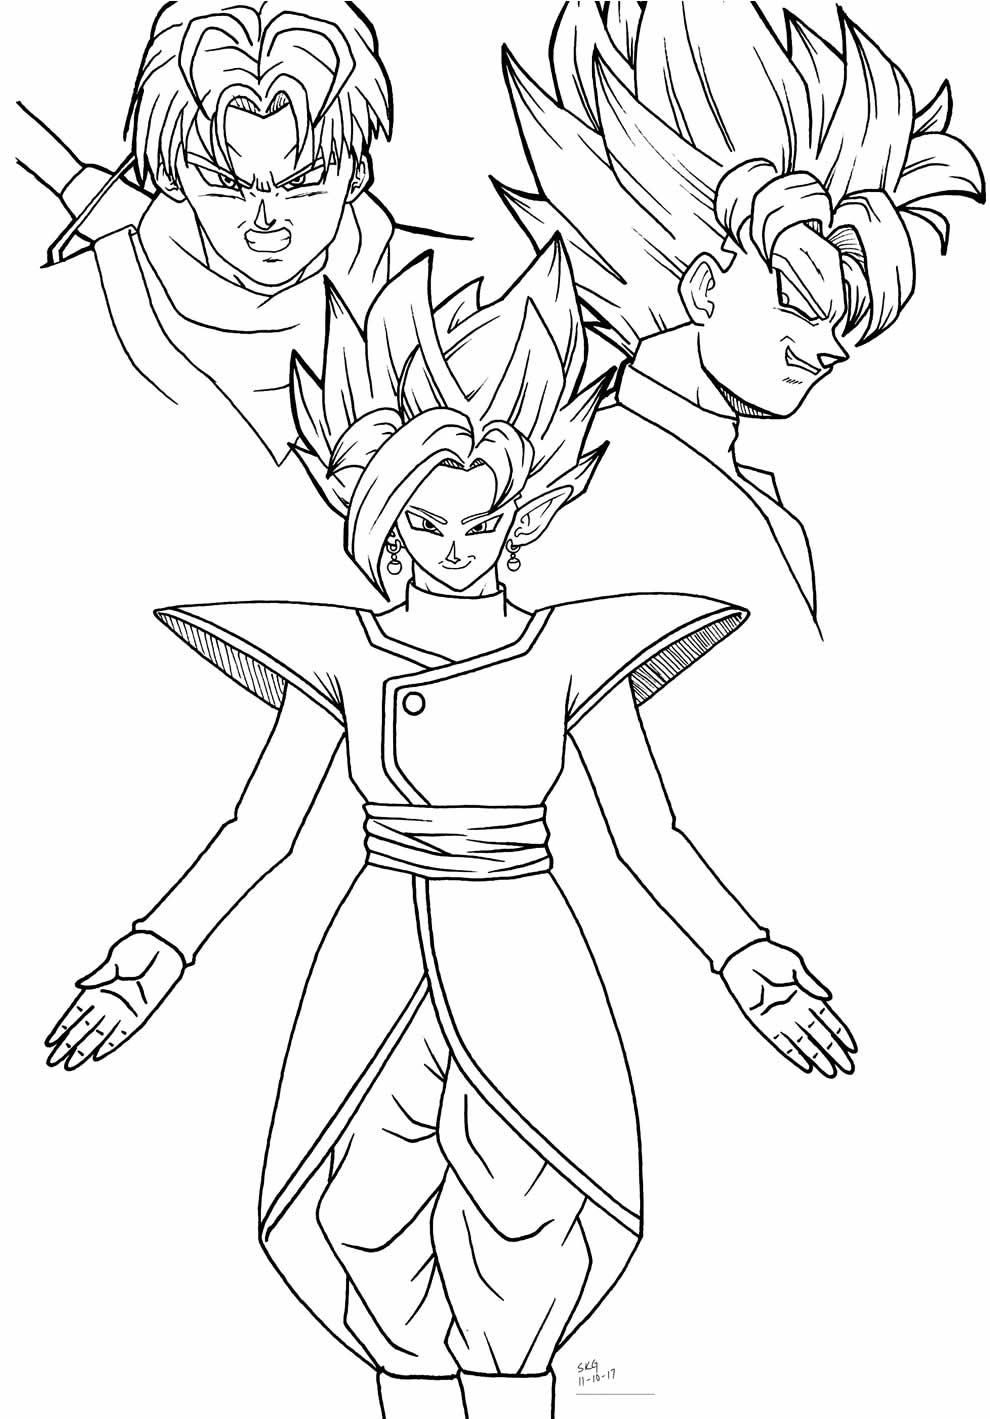 Goku drawing to color